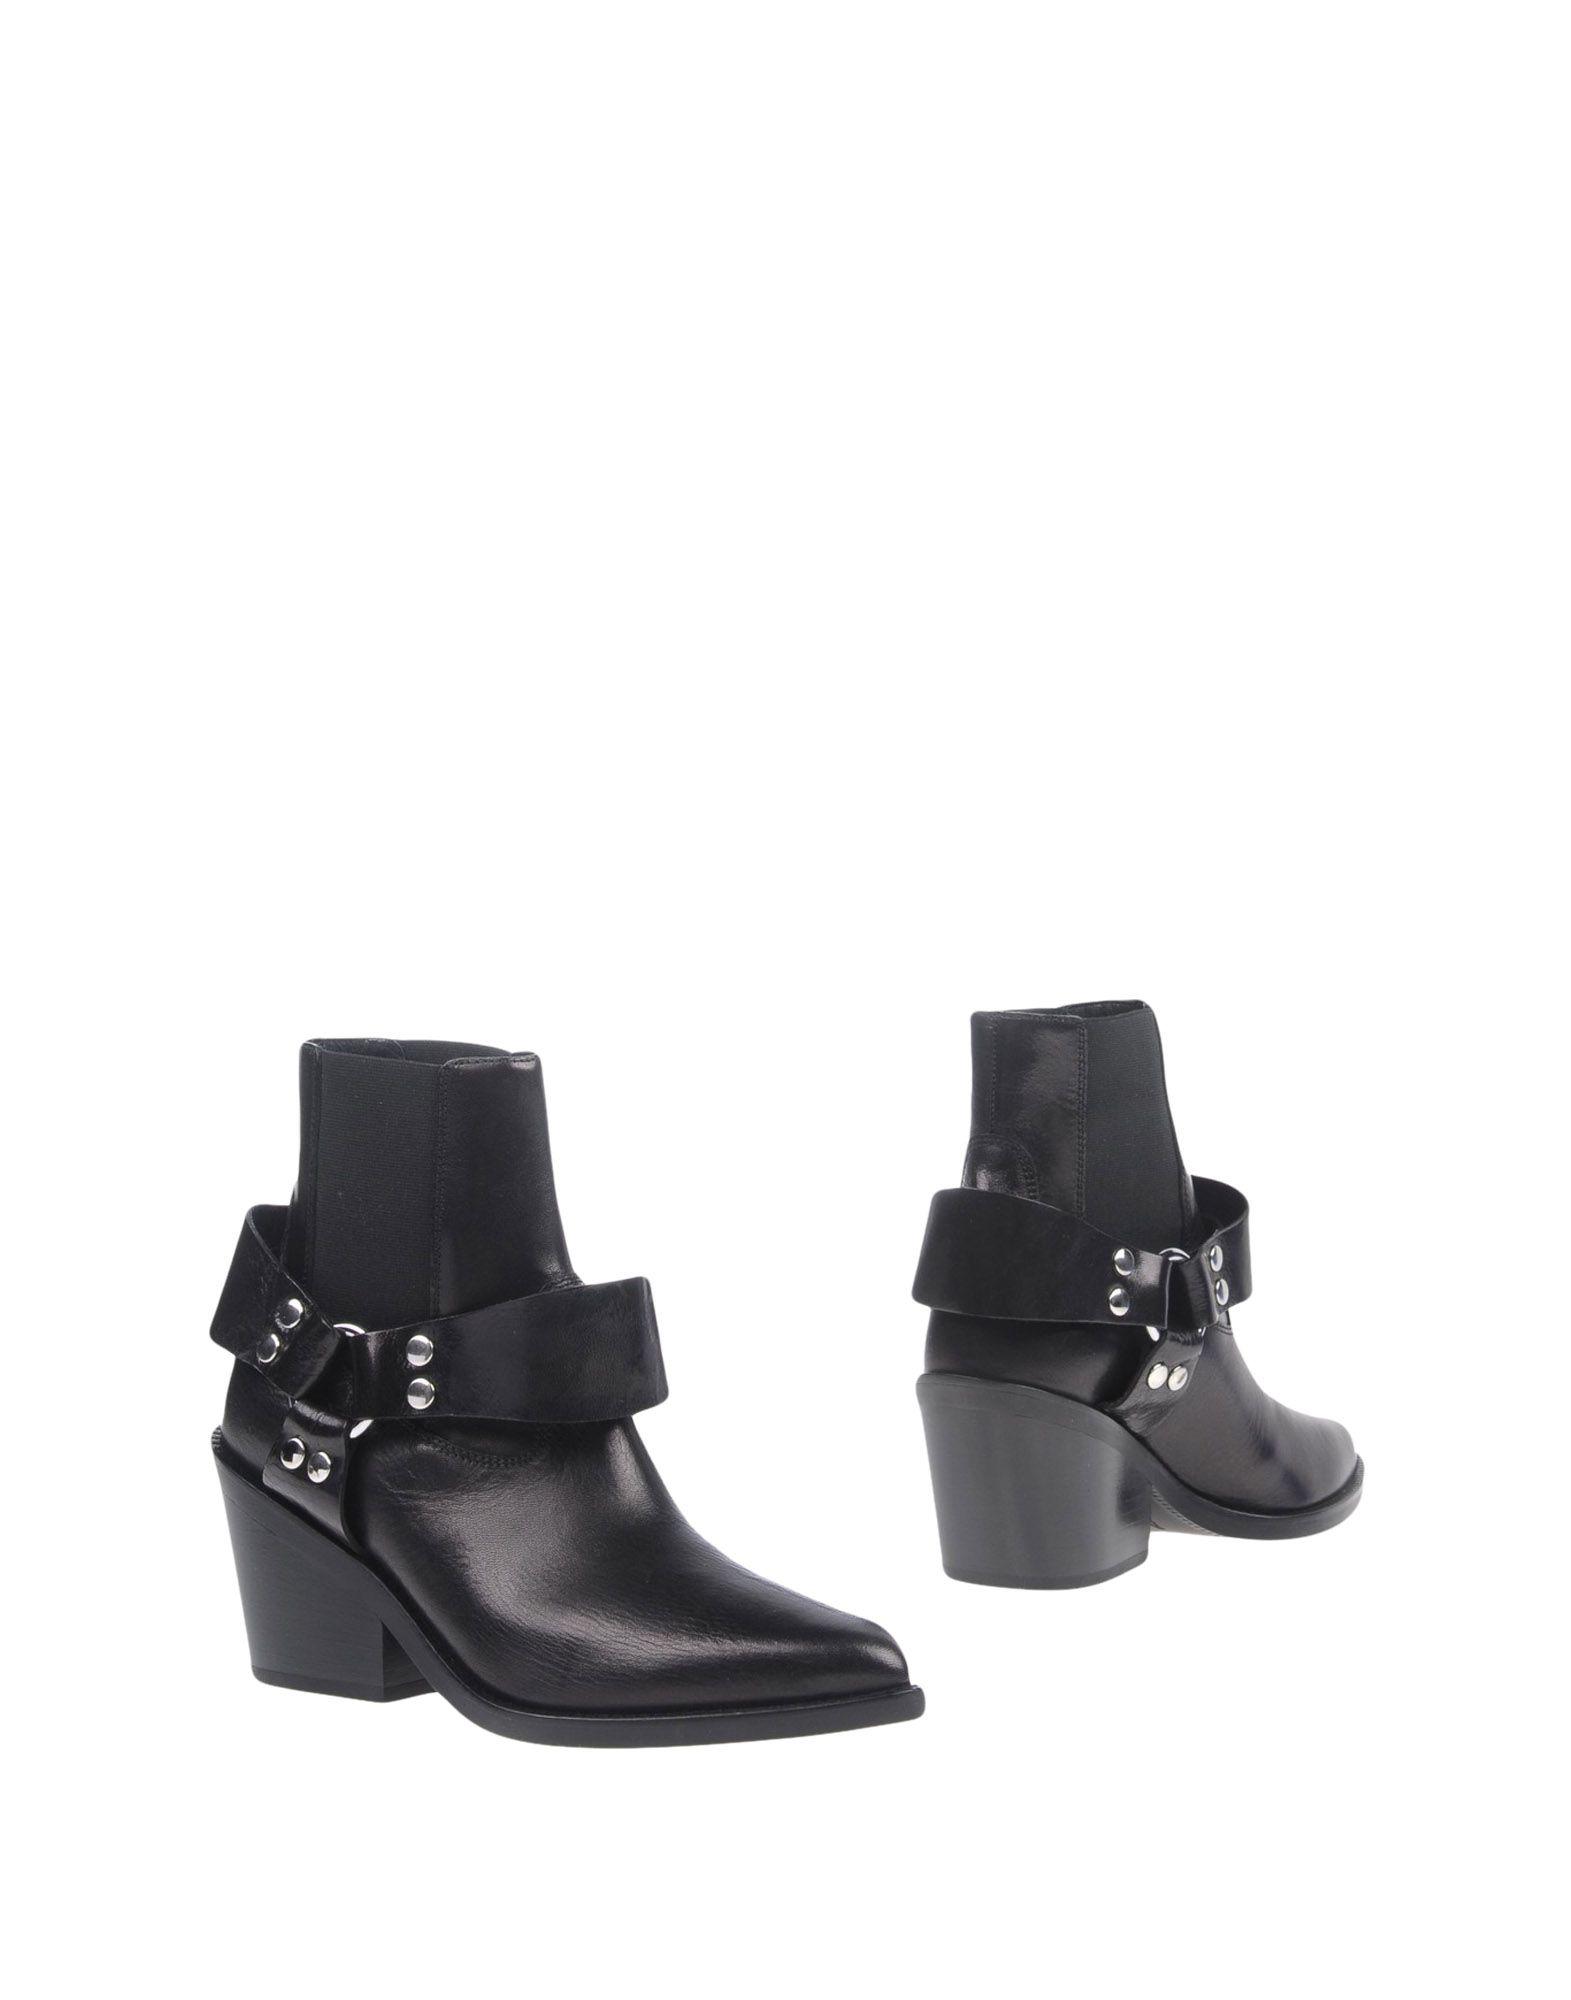 MM6 MAISON MARGIELA Полусапоги и высокие ботинки